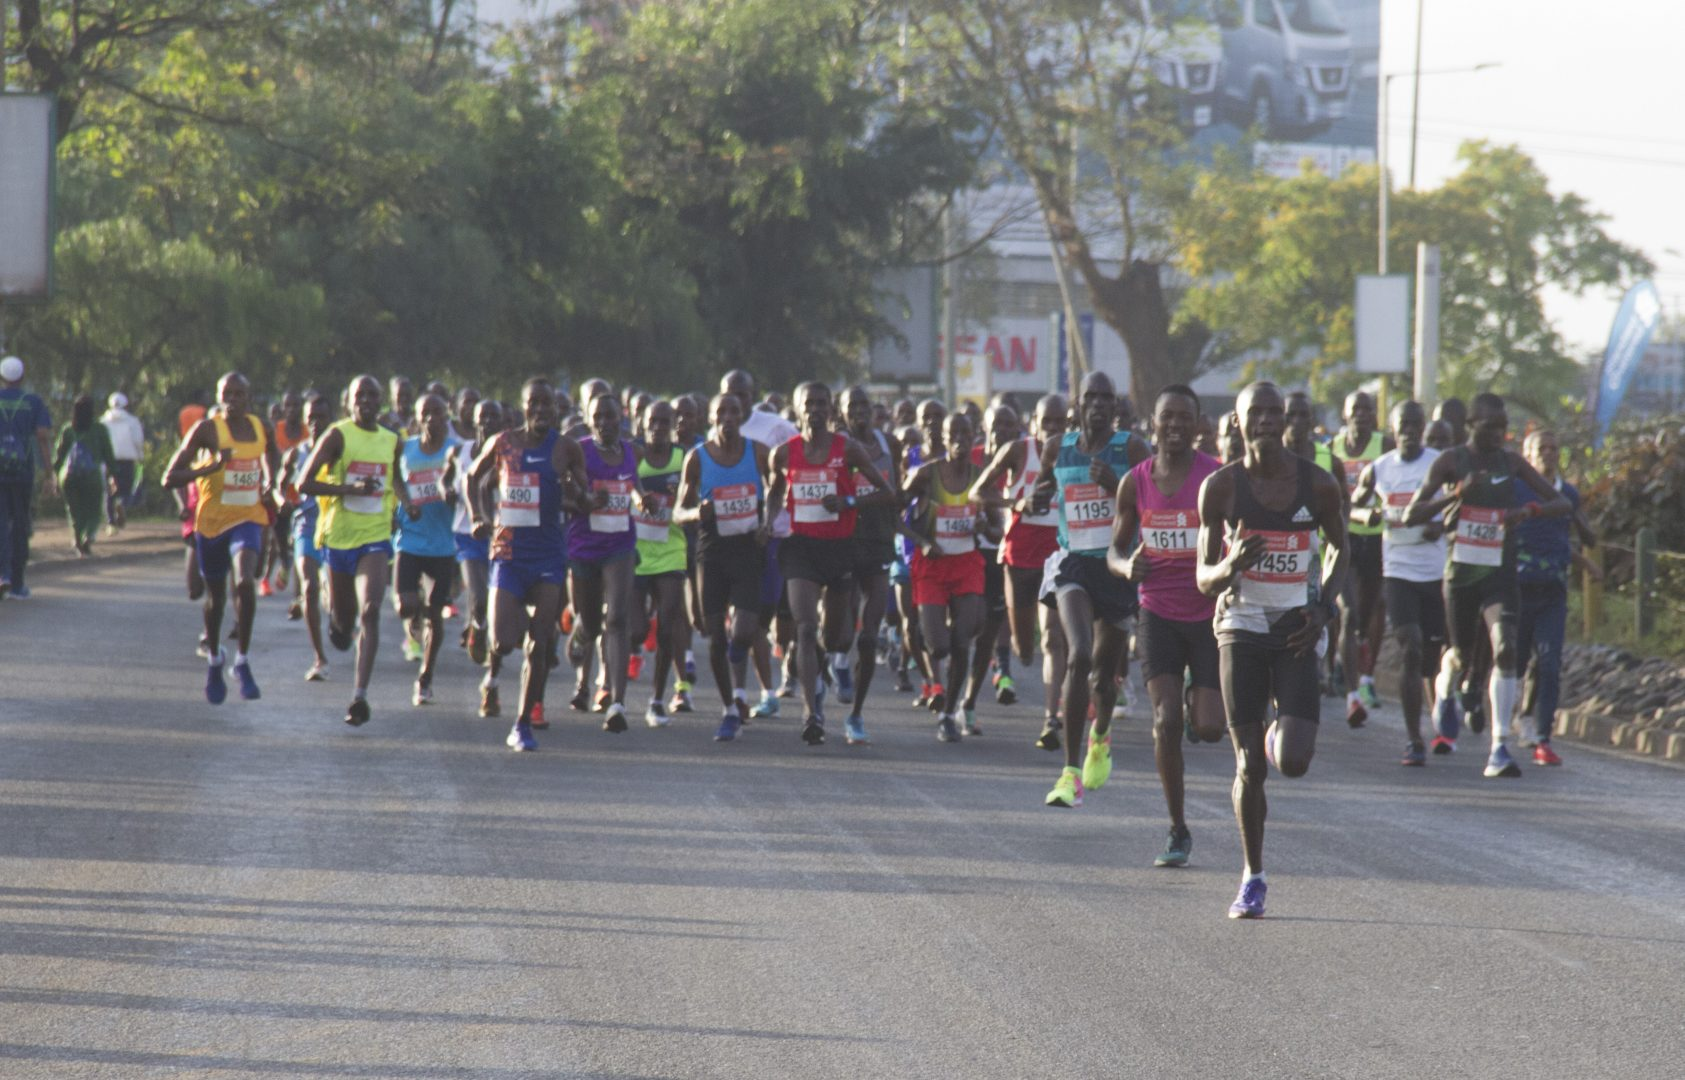 https://www.nairobimarathon.com/wp-content/uploads/2021/07/MG_4296.jpg